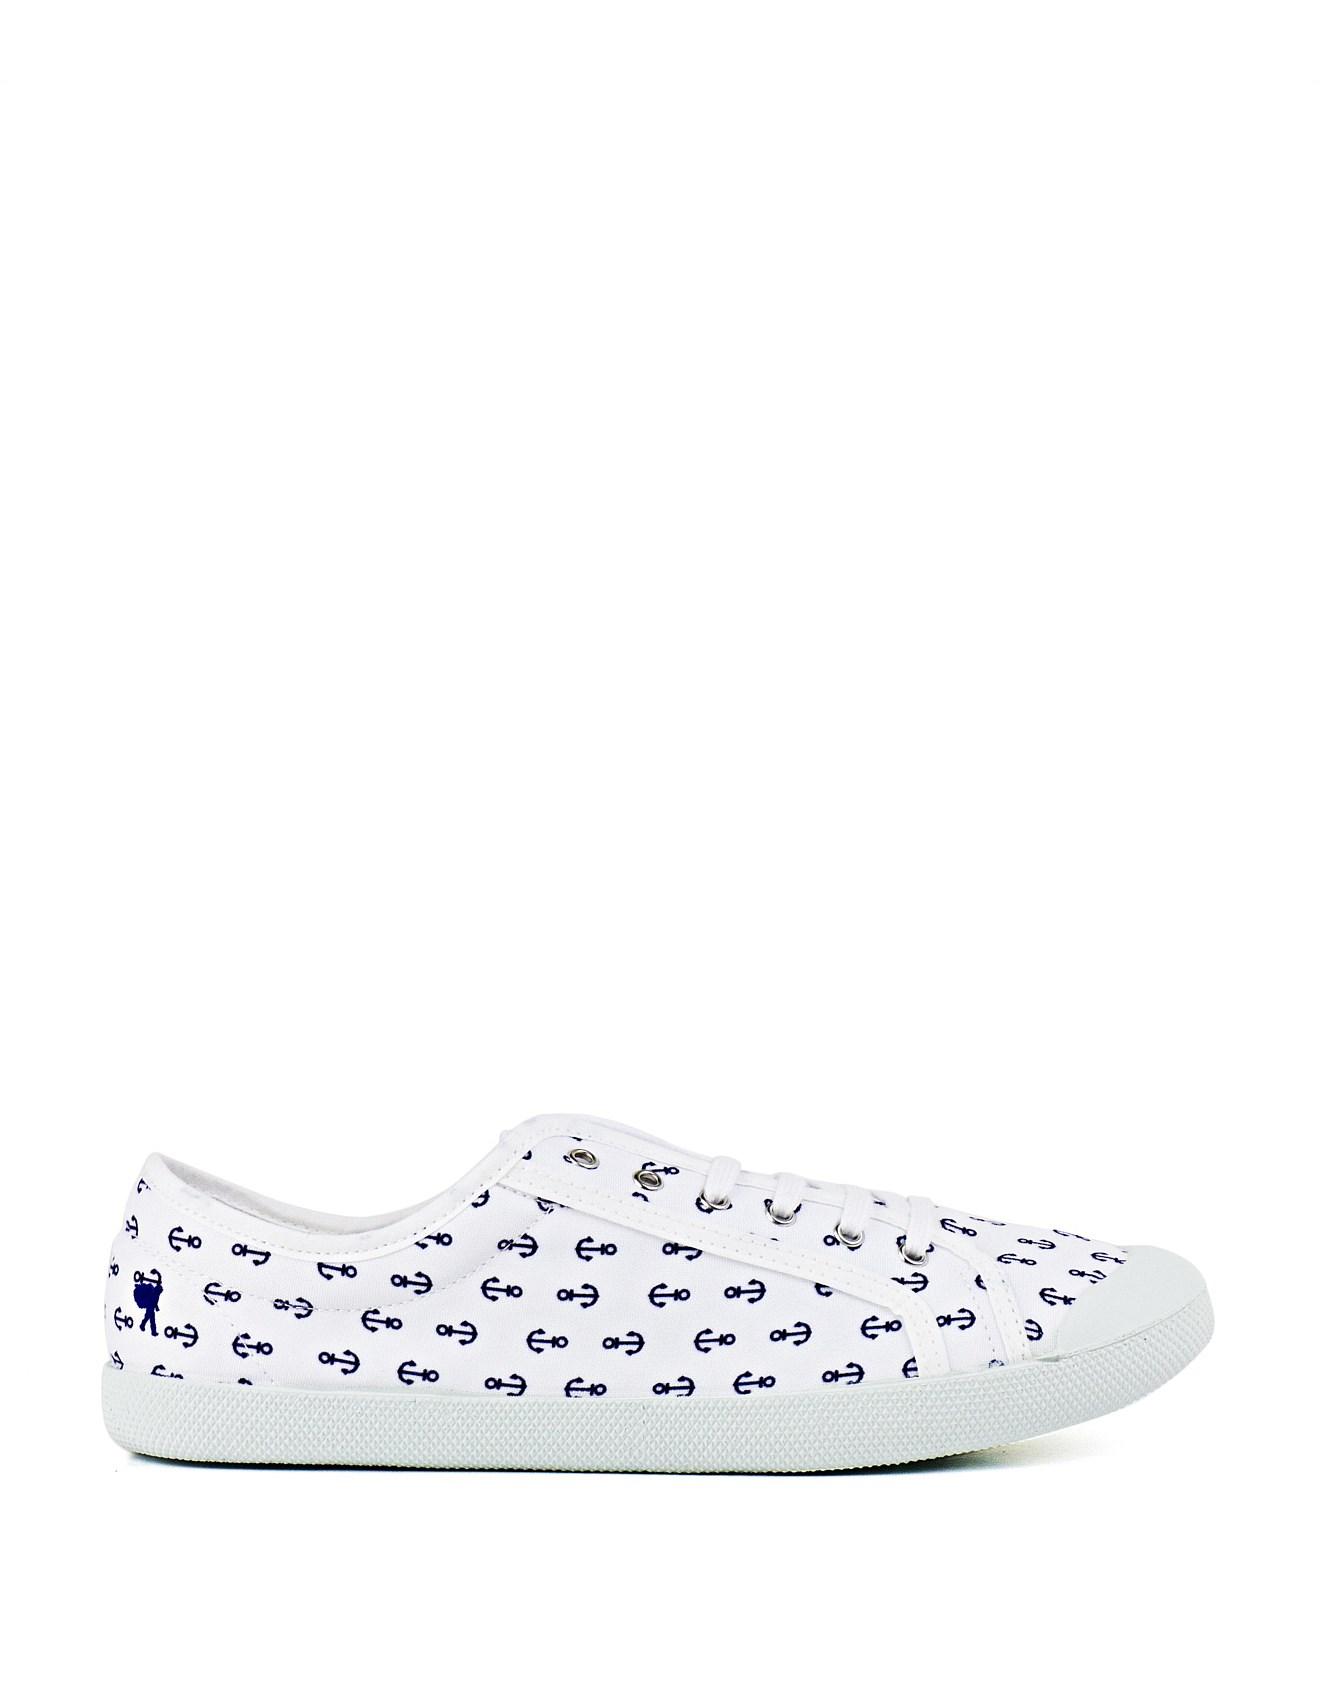 Edward Meller Shoes Online Sale